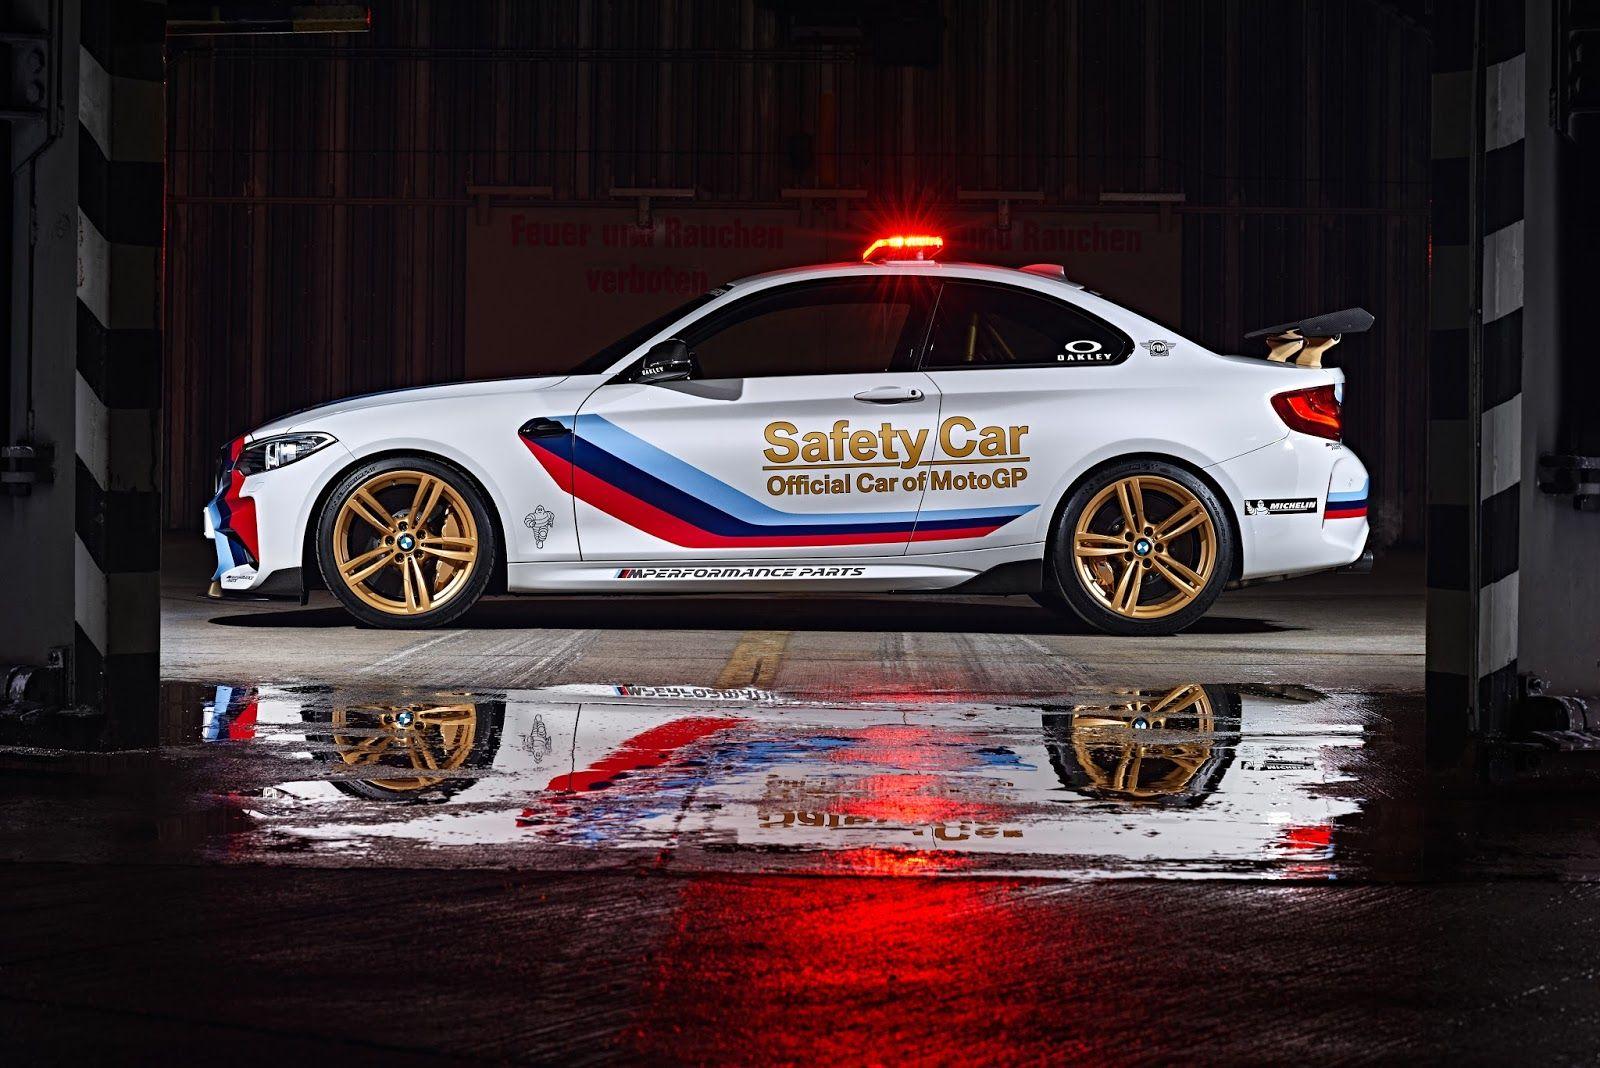 MotoGP 2016 BMW präsentiert sein neues Safety Car für die